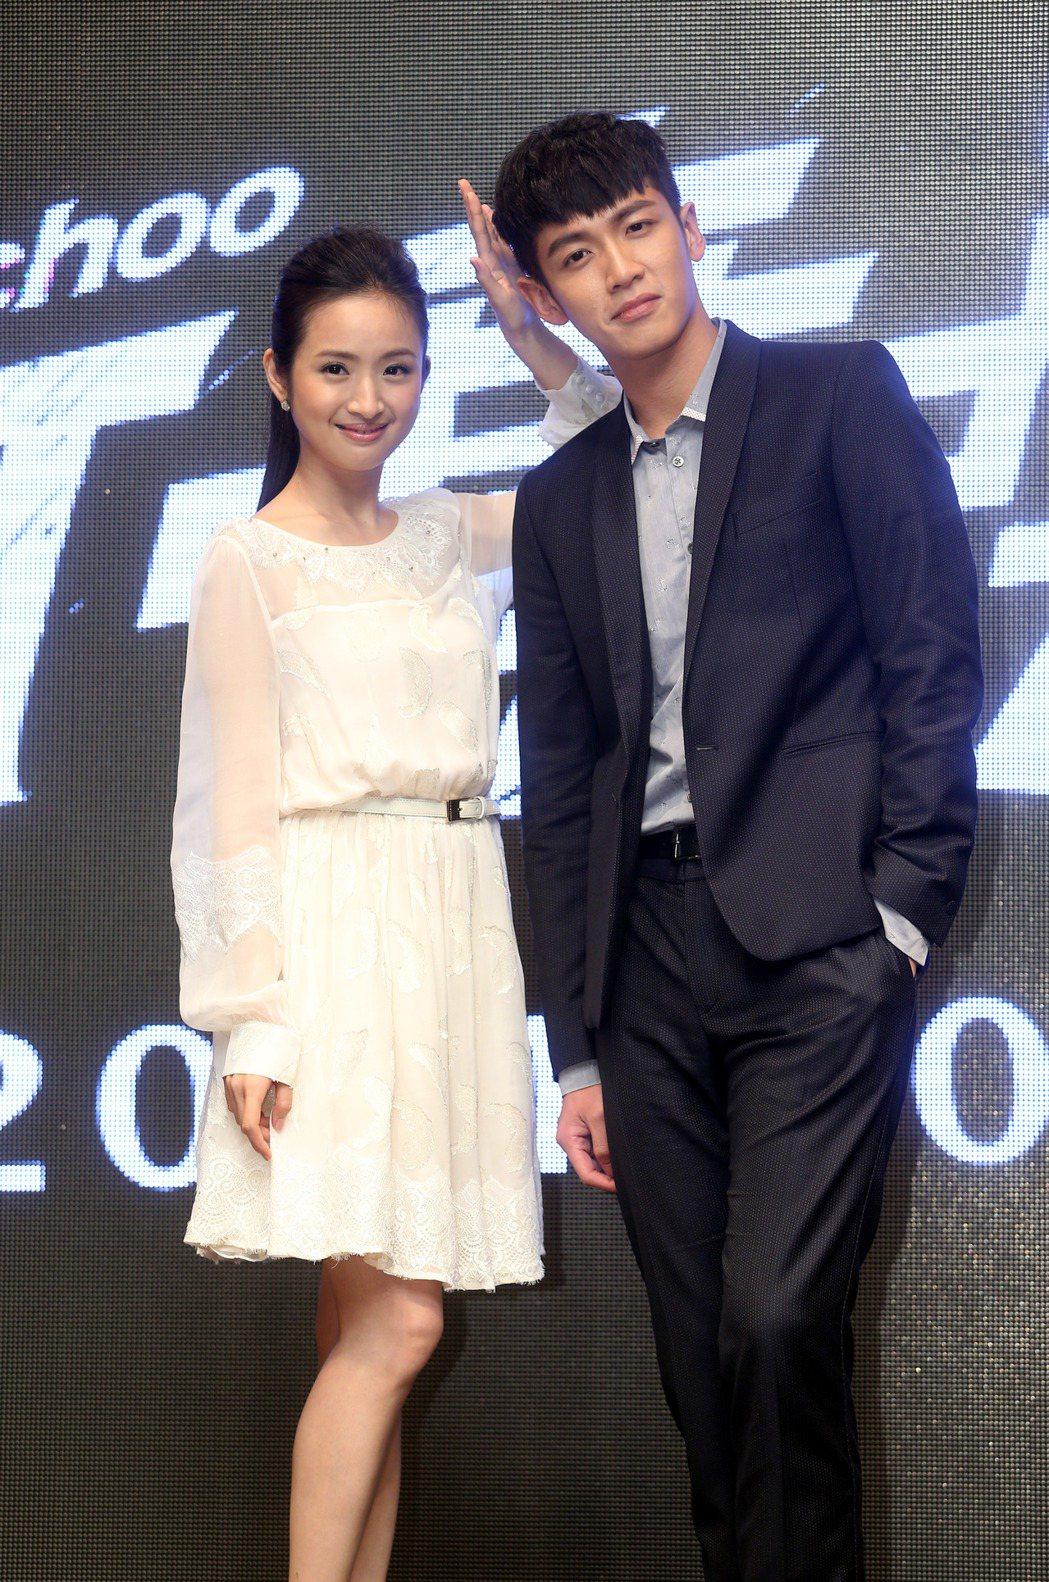 電影「打噴嚏」男女主角是柯震東與林依晨。圖/聯合報系資料照